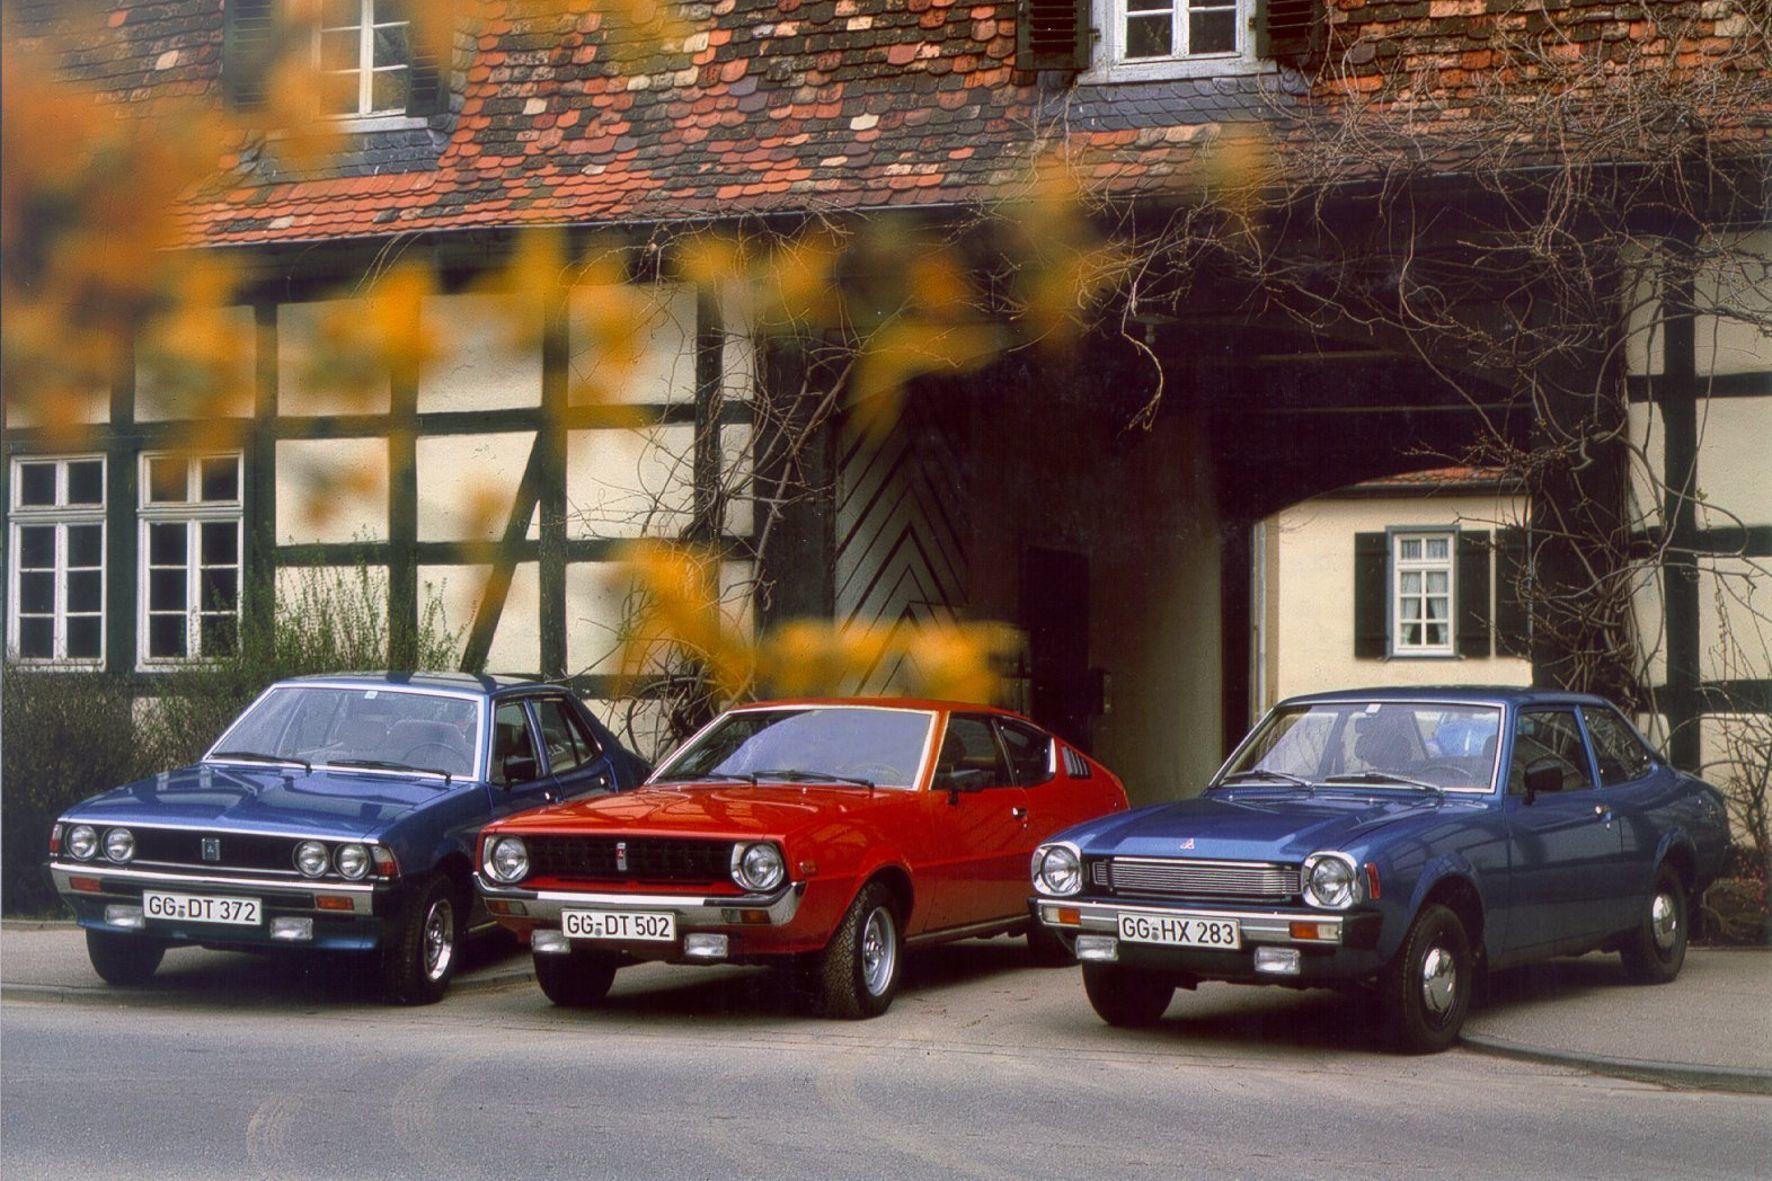 mid Groß-Gerau - Am 7. März 1977 betritt Mitsubishi Motors Company die Auto-Bühne in der Bundesrepublik. Die ersten Modelle sind der Lancer (rechts), der Galant Sigma (links) und das Celeste Coupé.